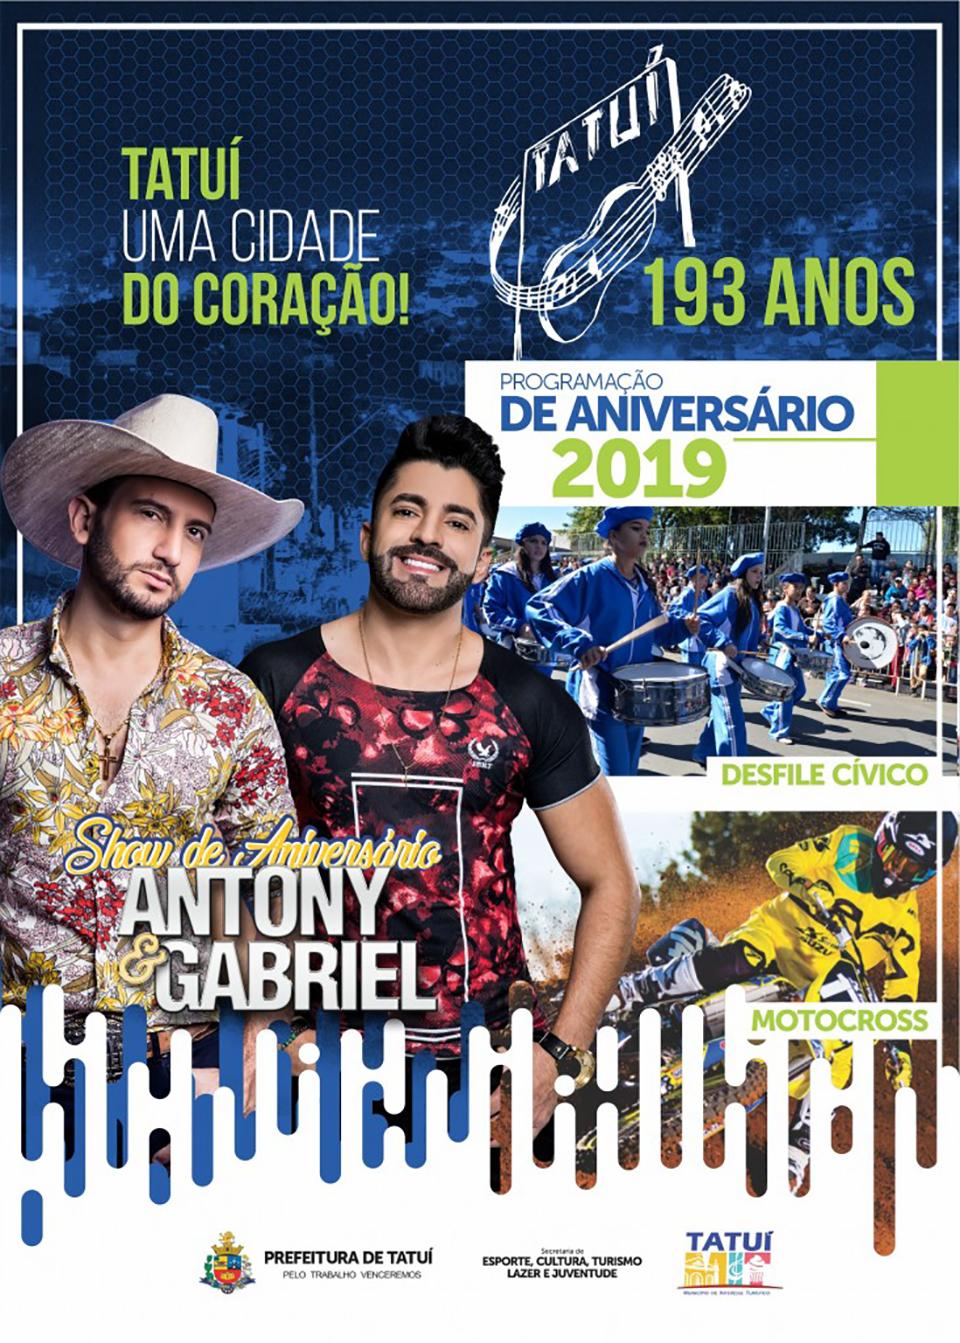 Show de Aniversário reúne 10 artistas regionais e a dupla sertaneja Antony & Gabriel